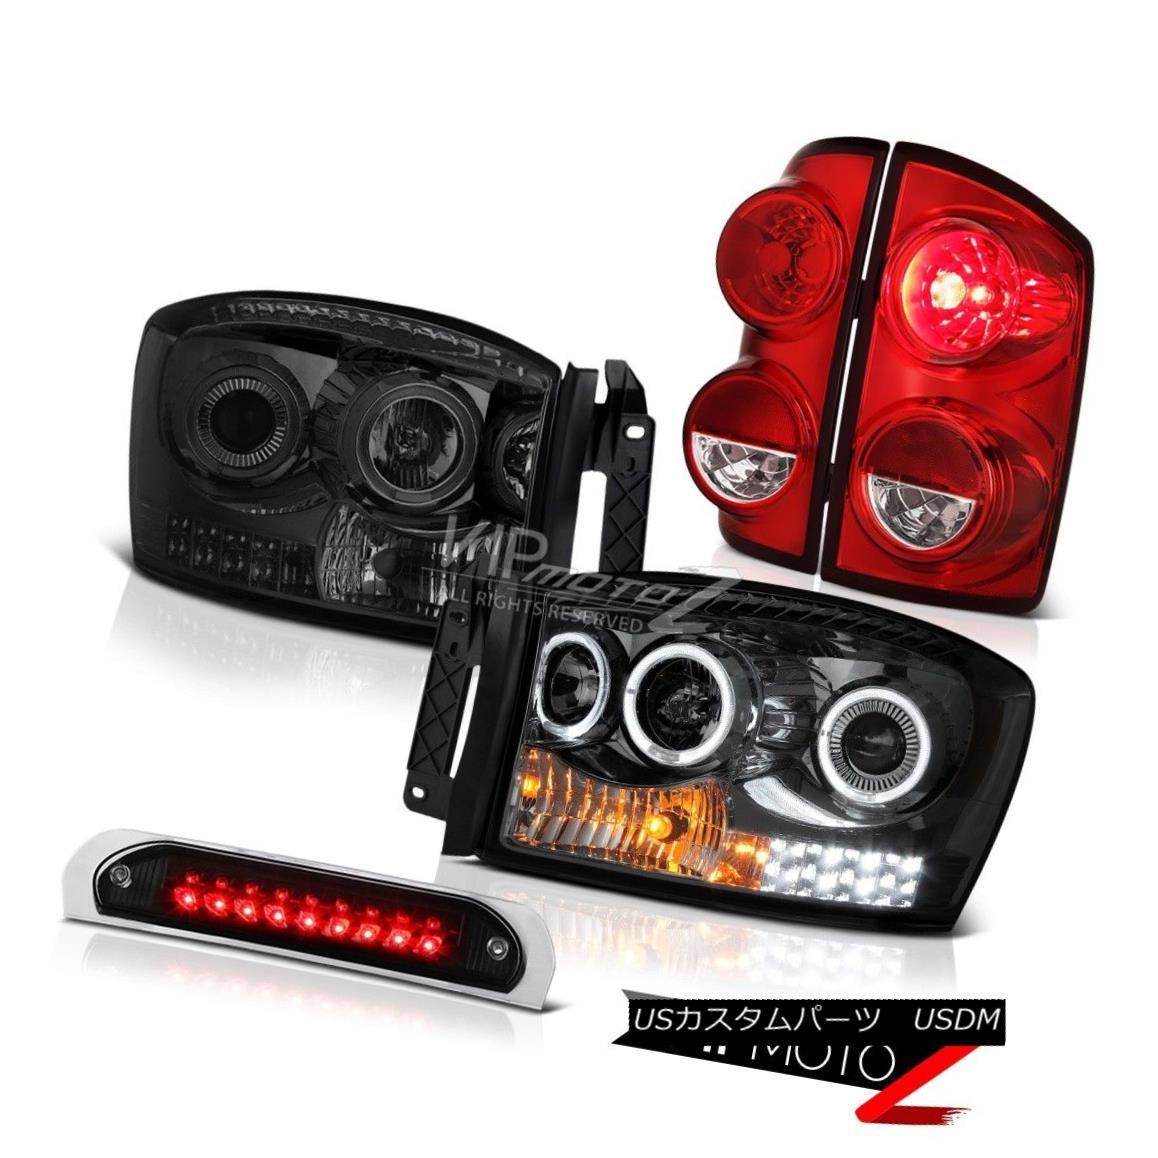 テールライト 2007-2009 Dodge Ram 2500 WS Black Roof Cab Light Taillamps Headlamps Dual Halo 2007-2009ダッジラム2500 WSブラックルーフキャブライトタイルランプヘッドランプデュアルヘイロー